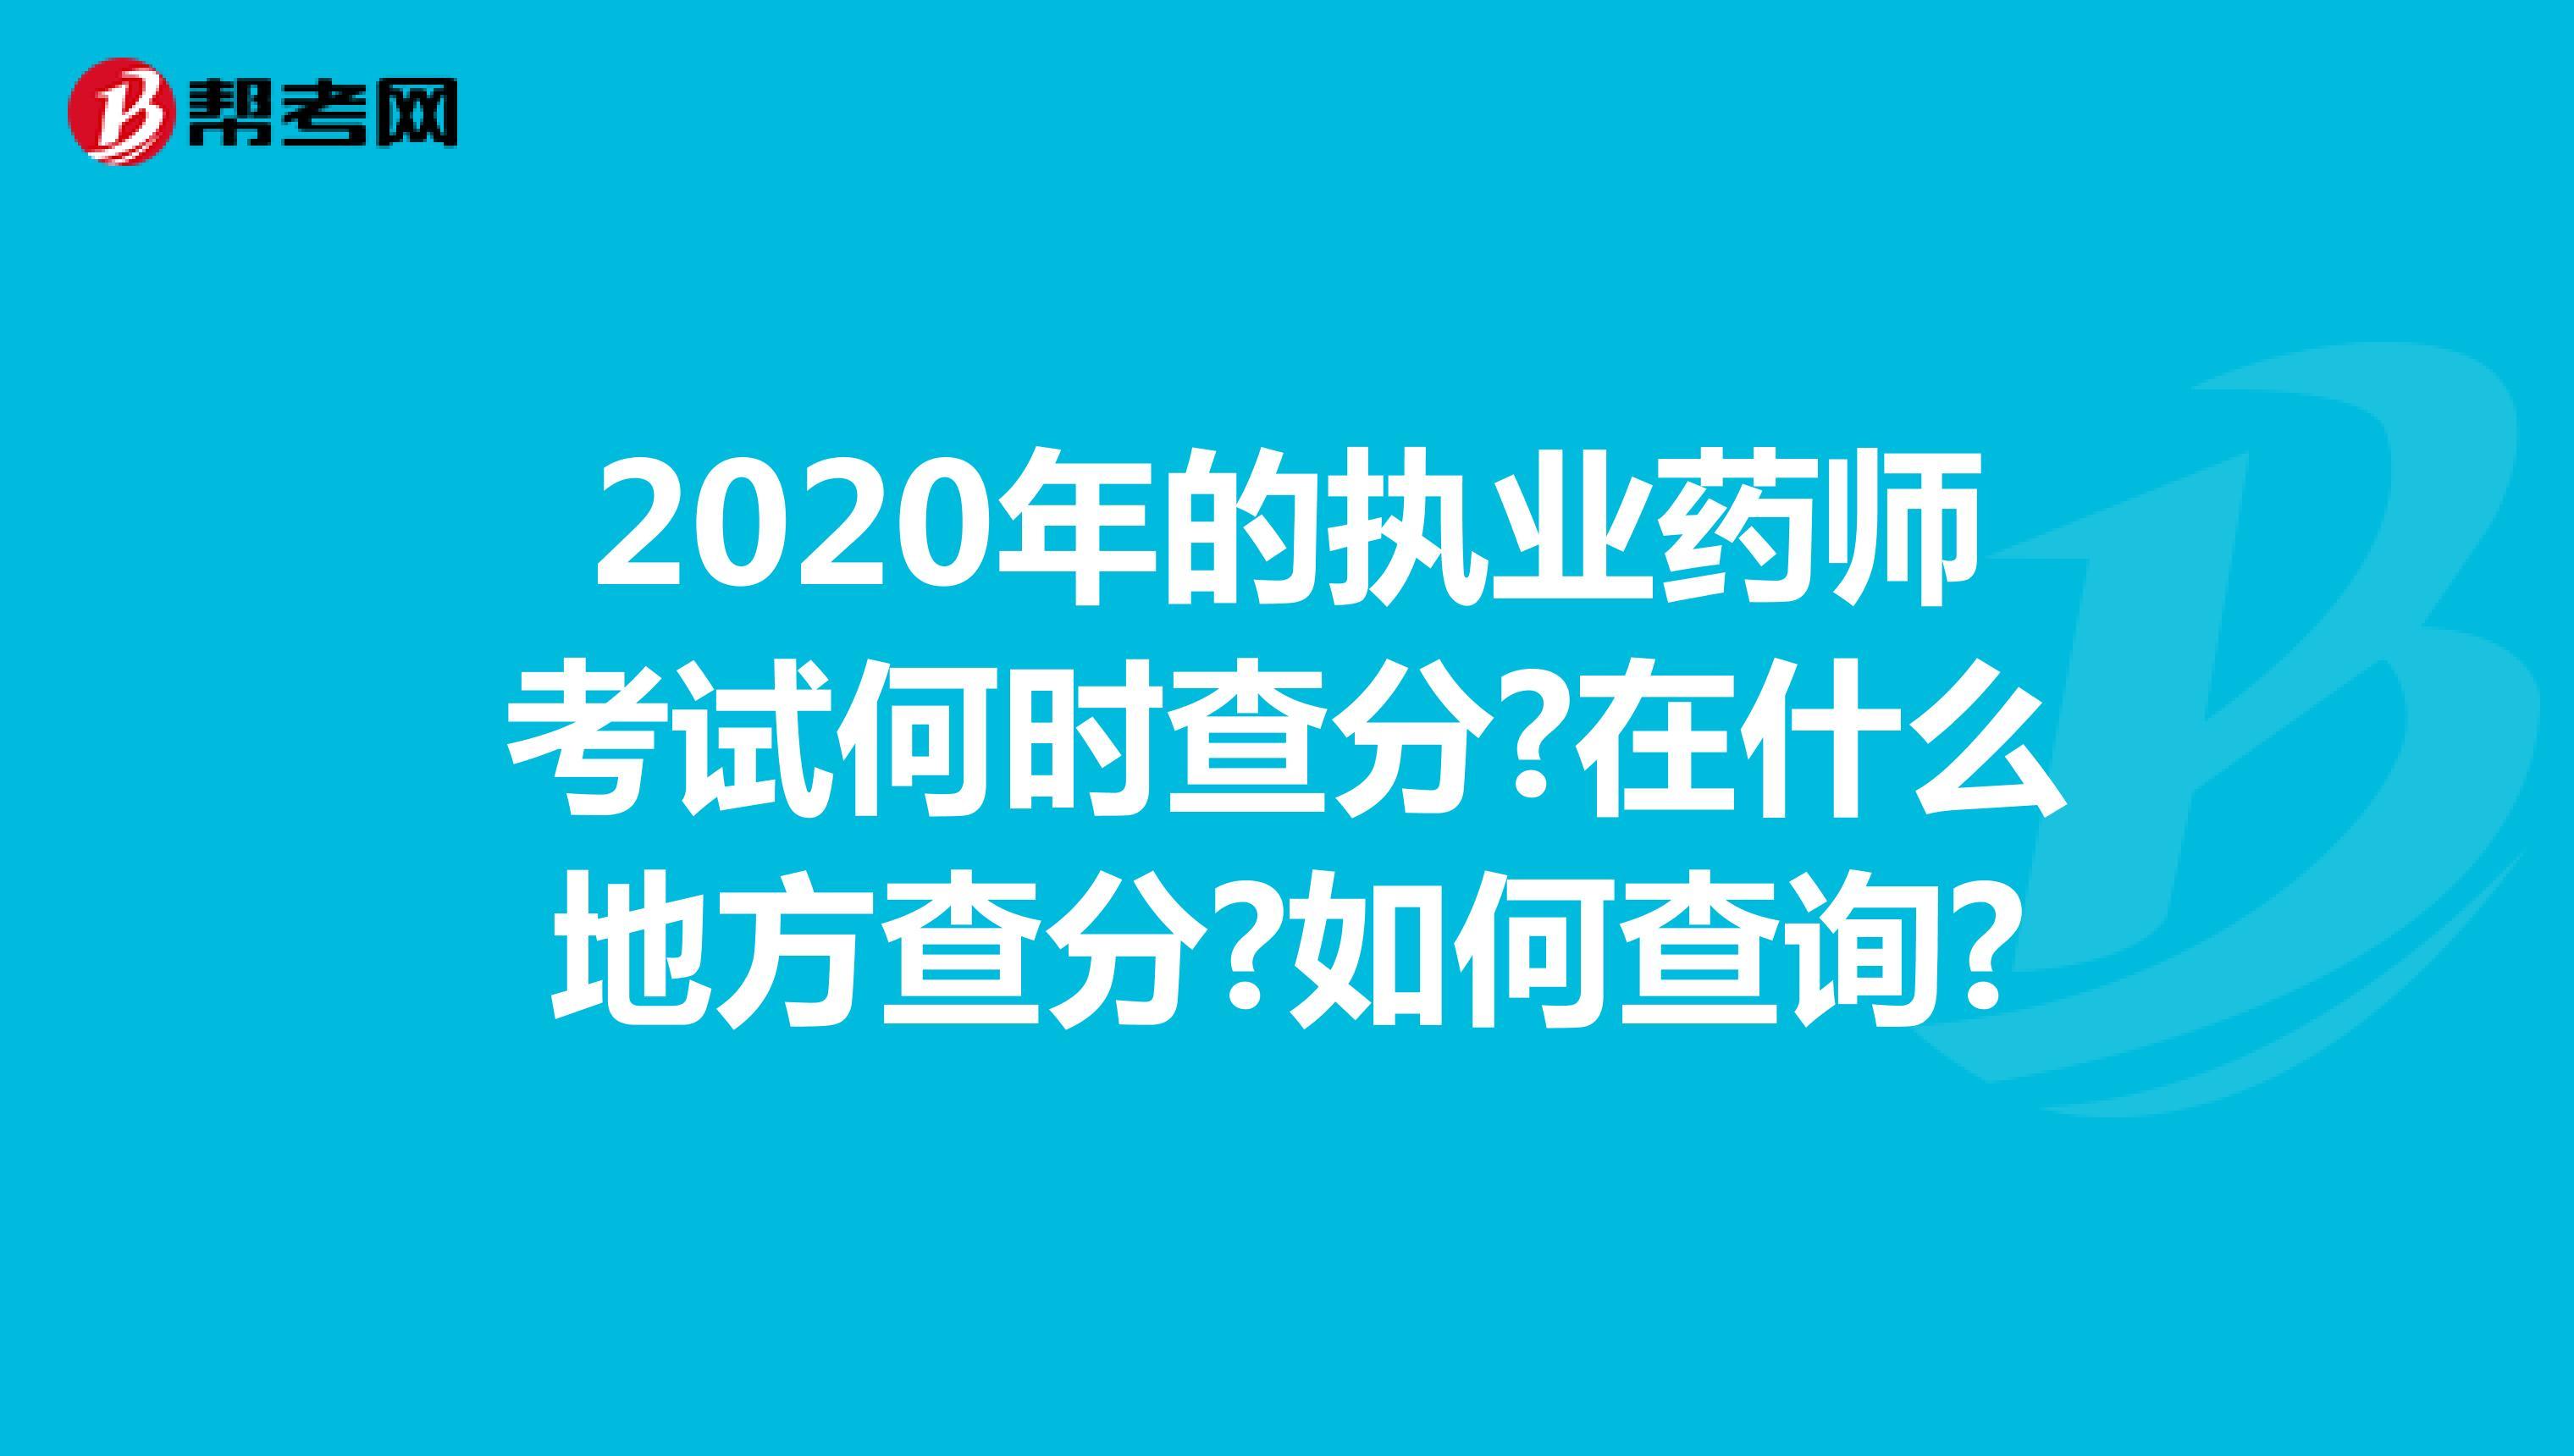 2020年的执业药师考试何时查分?在什么地方查分?如何查询?